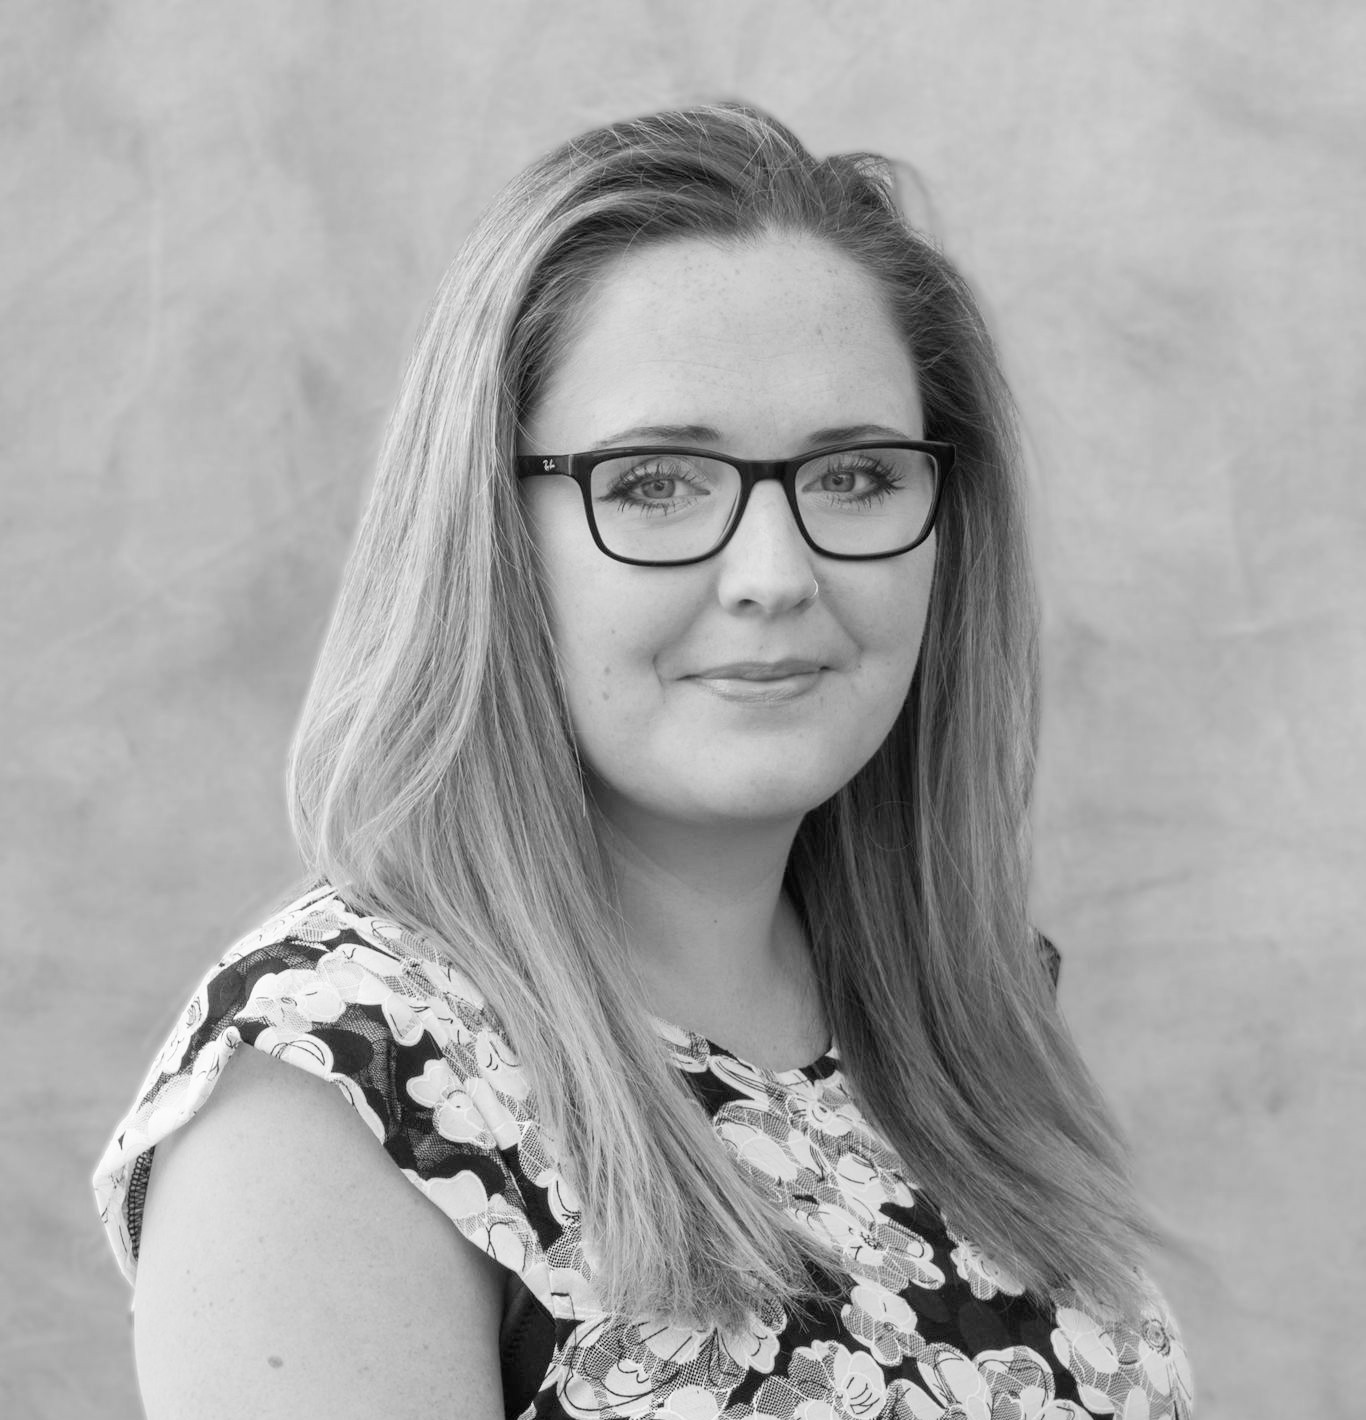 Tax team specialist Eileen Smith